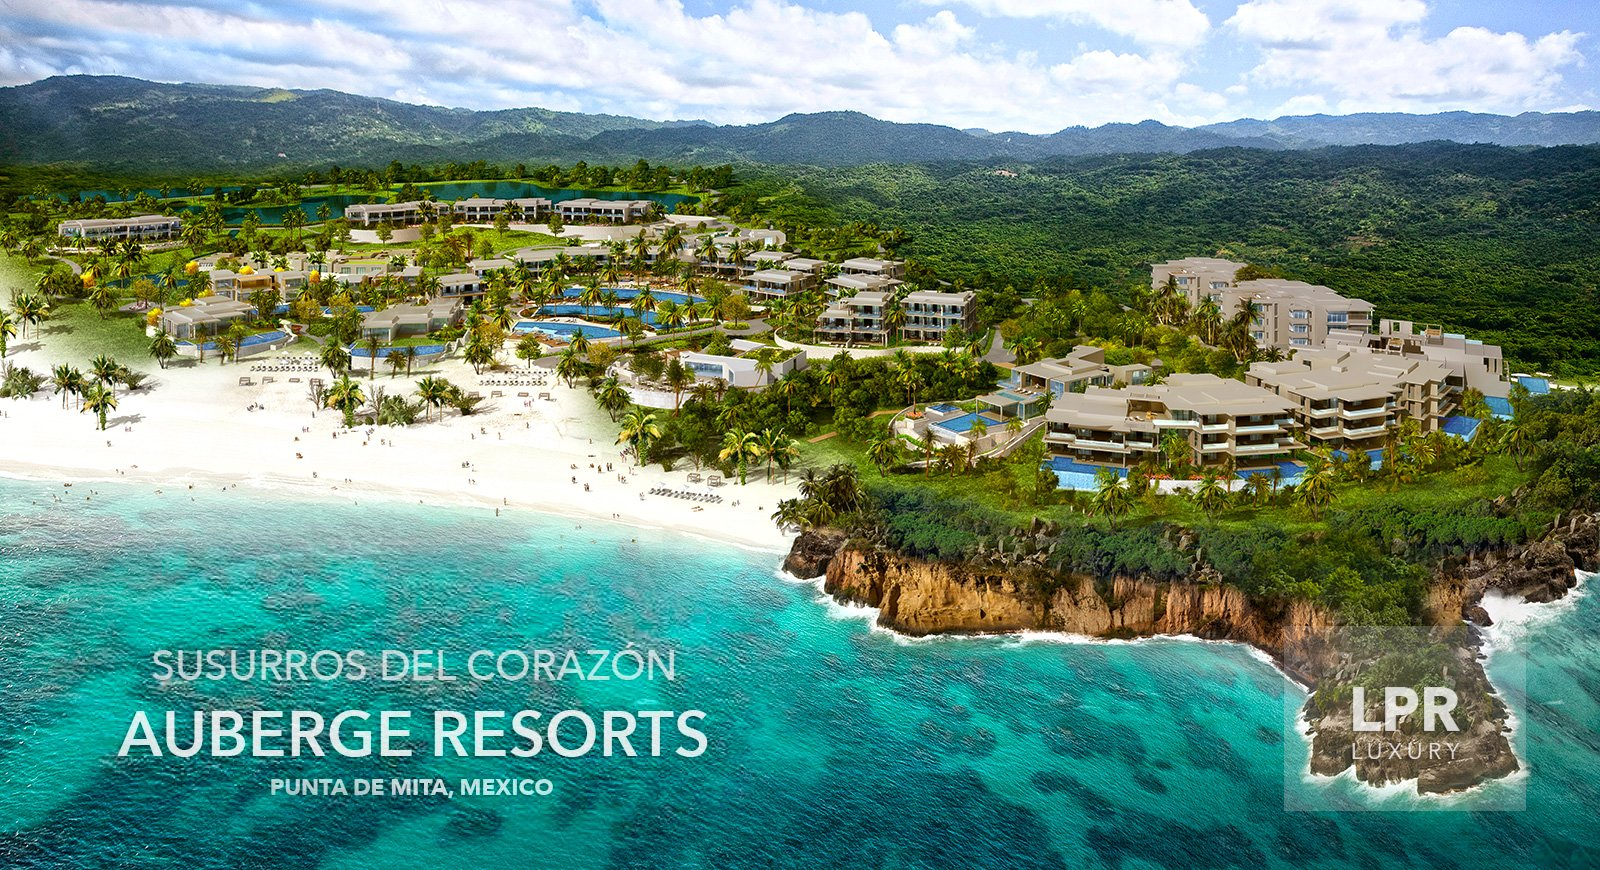 Auberge Resort & Residences - Sussuros del Corazón - Punta de Mita, Riviera Nayarit, Mexico - Luxury real estate for sale